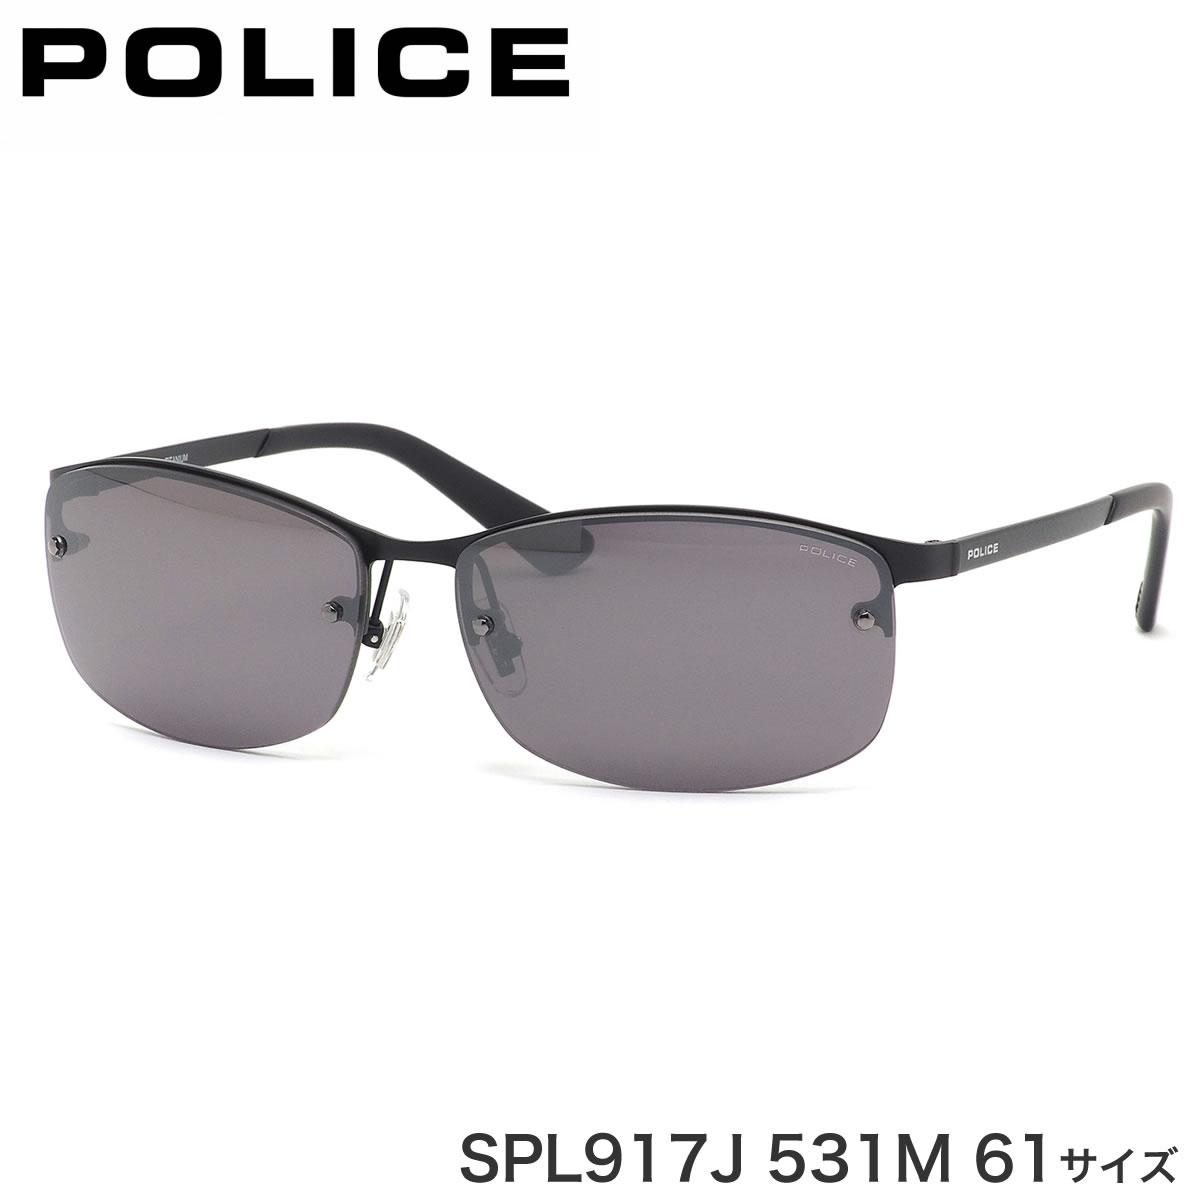 ポリス POLICE サングラス SPL917J 531M 61サイズ 縁なし ミラーレンズ かっこいい メンズ レディース